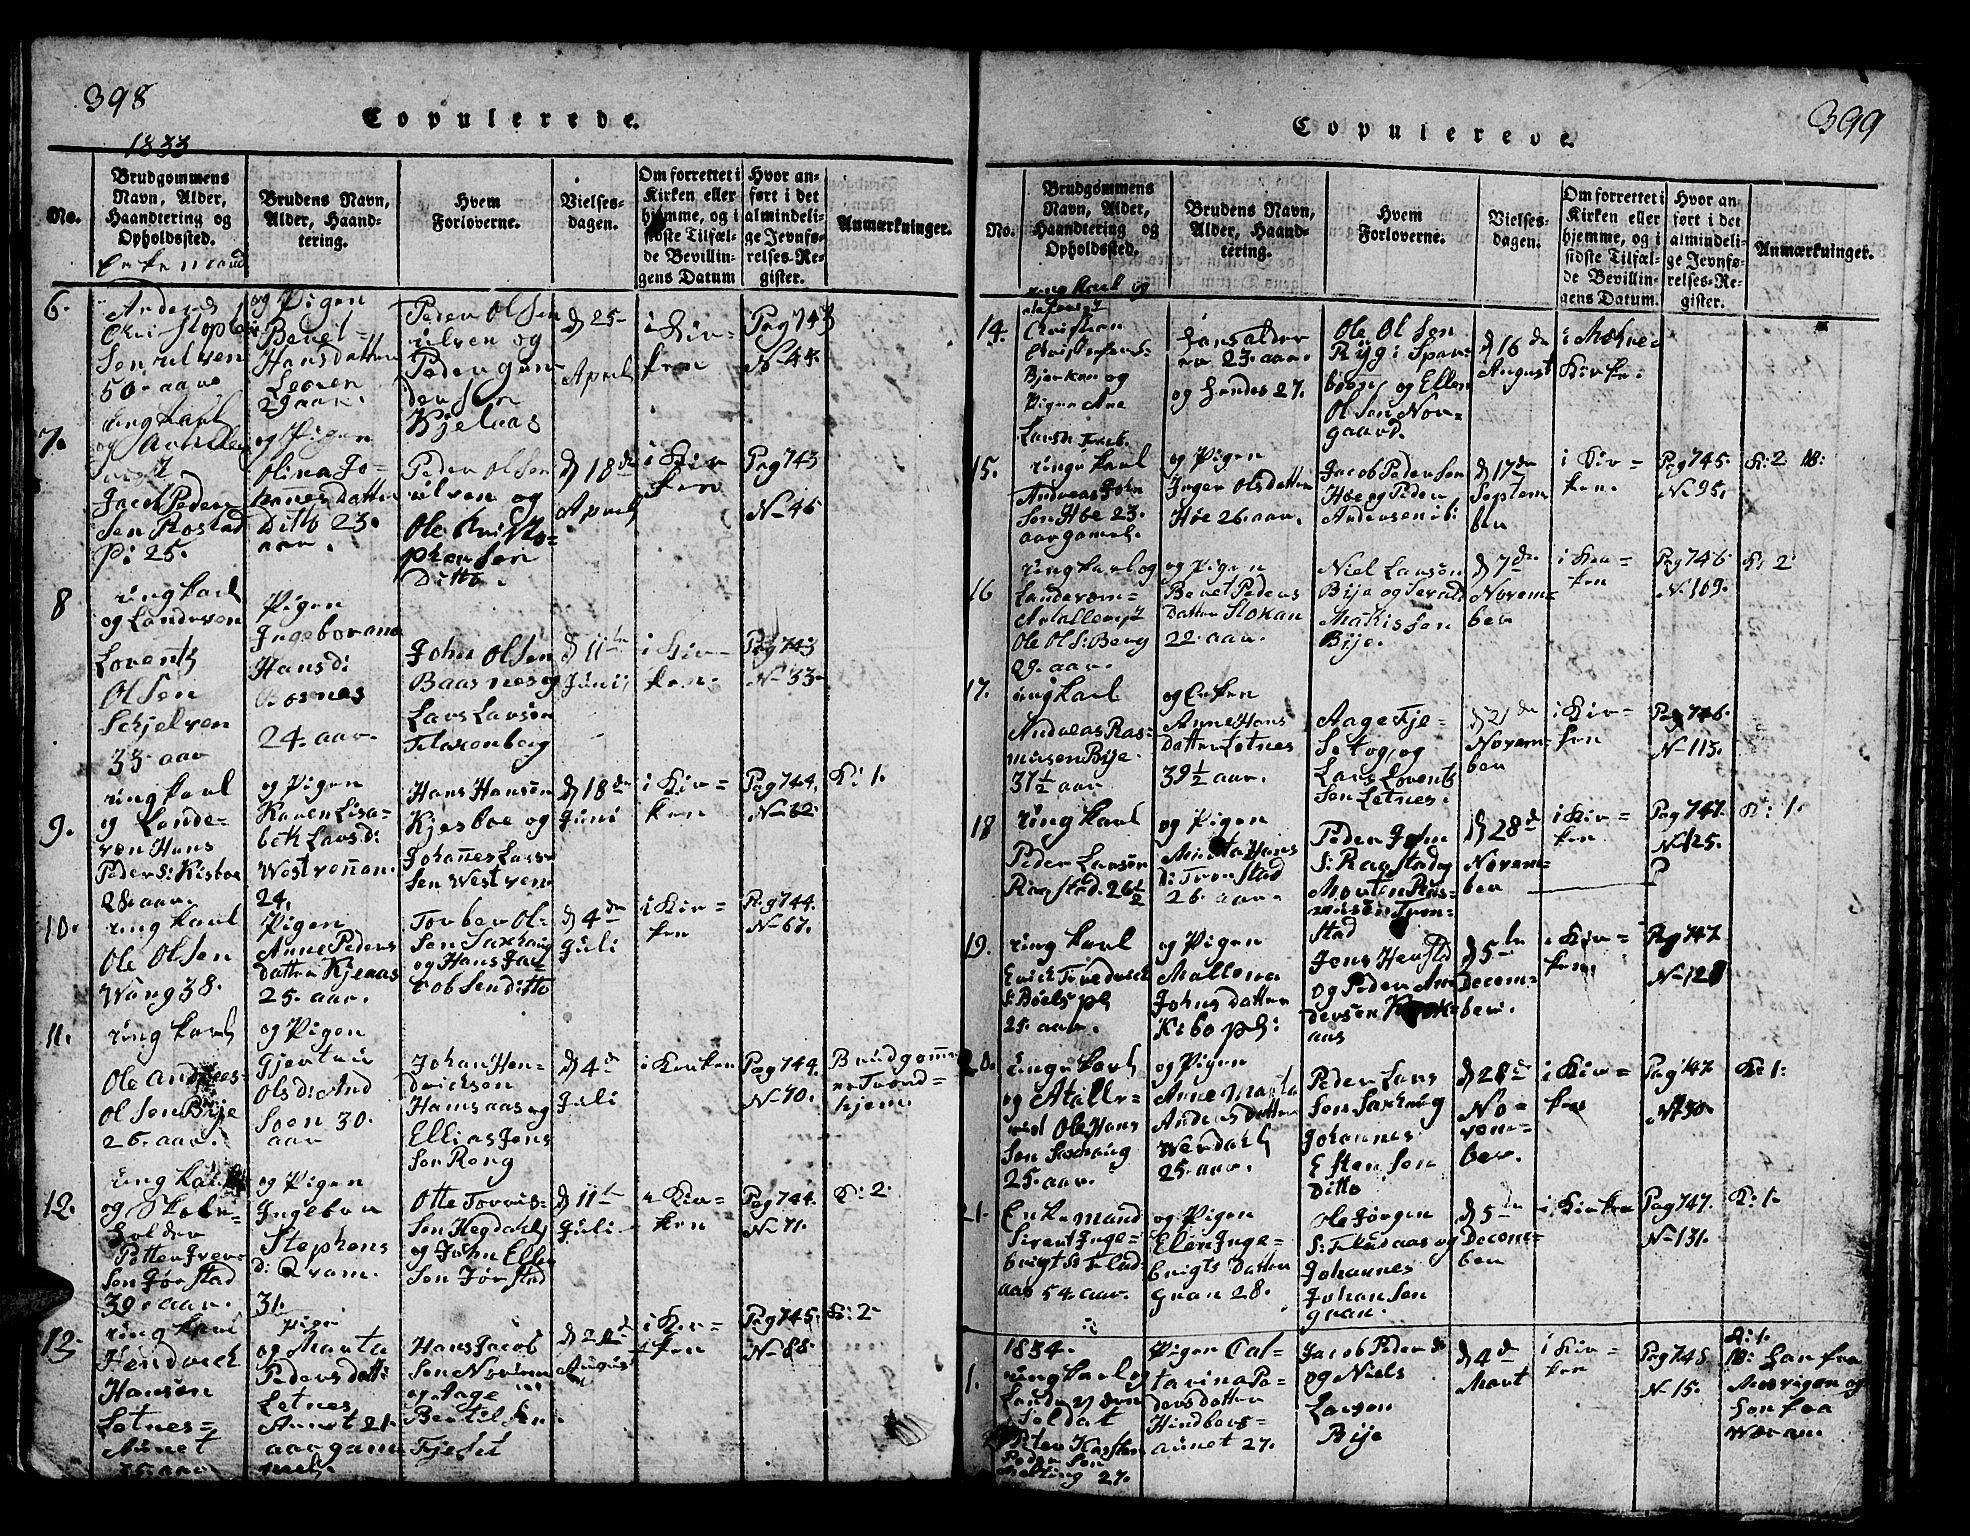 SAT, Ministerialprotokoller, klokkerbøker og fødselsregistre - Nord-Trøndelag, 730/L0298: Klokkerbok nr. 730C01, 1816-1849, s. 398-399